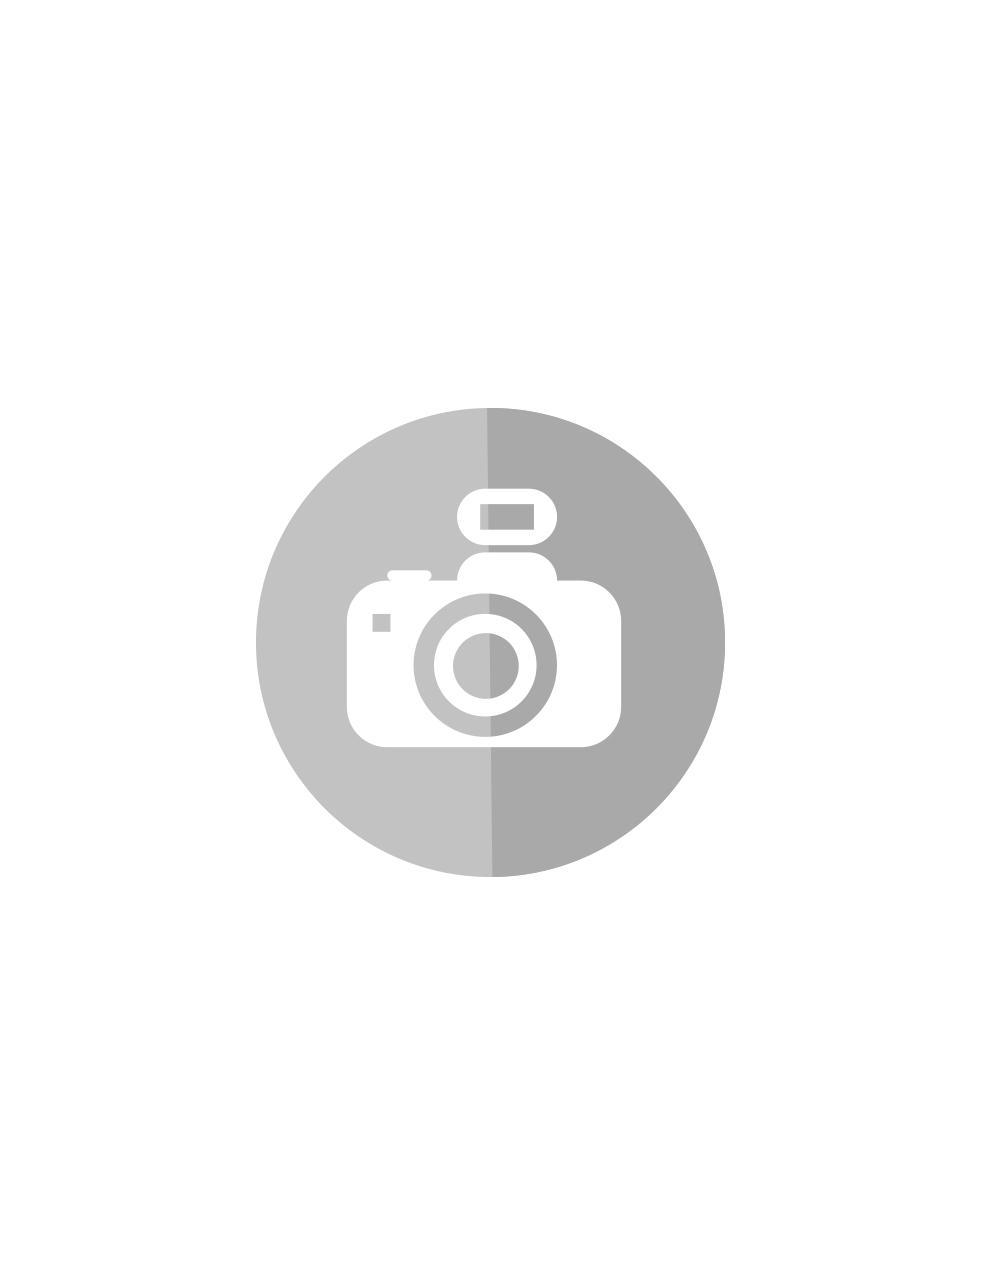 30203522_sparepart/Drache H240-Gelenkpfanne